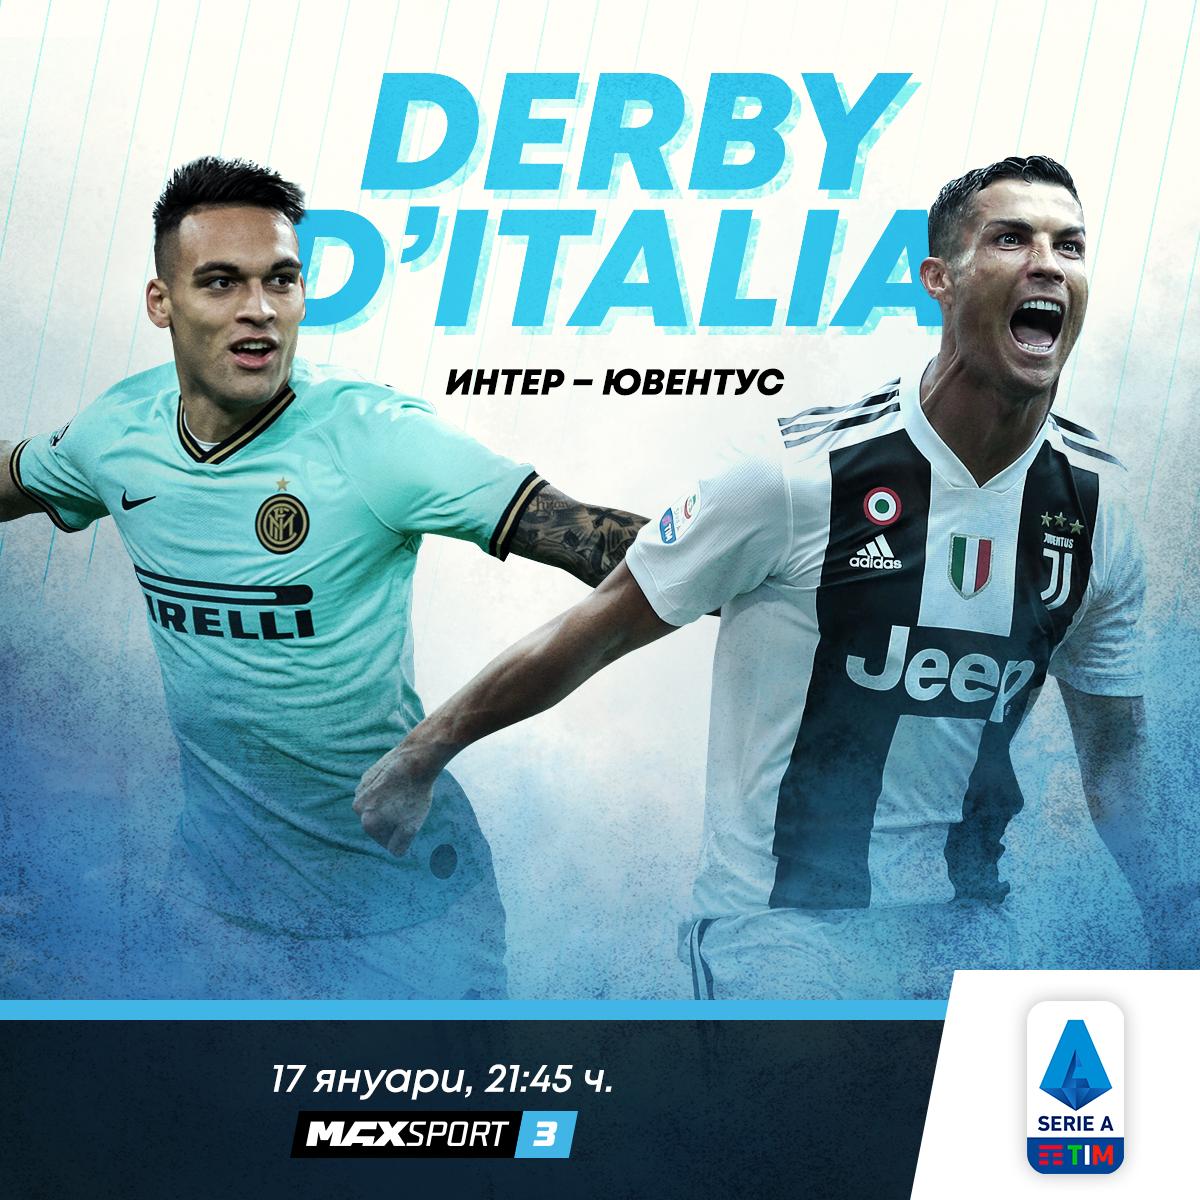 Тази неделя: Derby d'Italia между Интер и Юве и De Klassieker между Аякс и Фейенорд 26